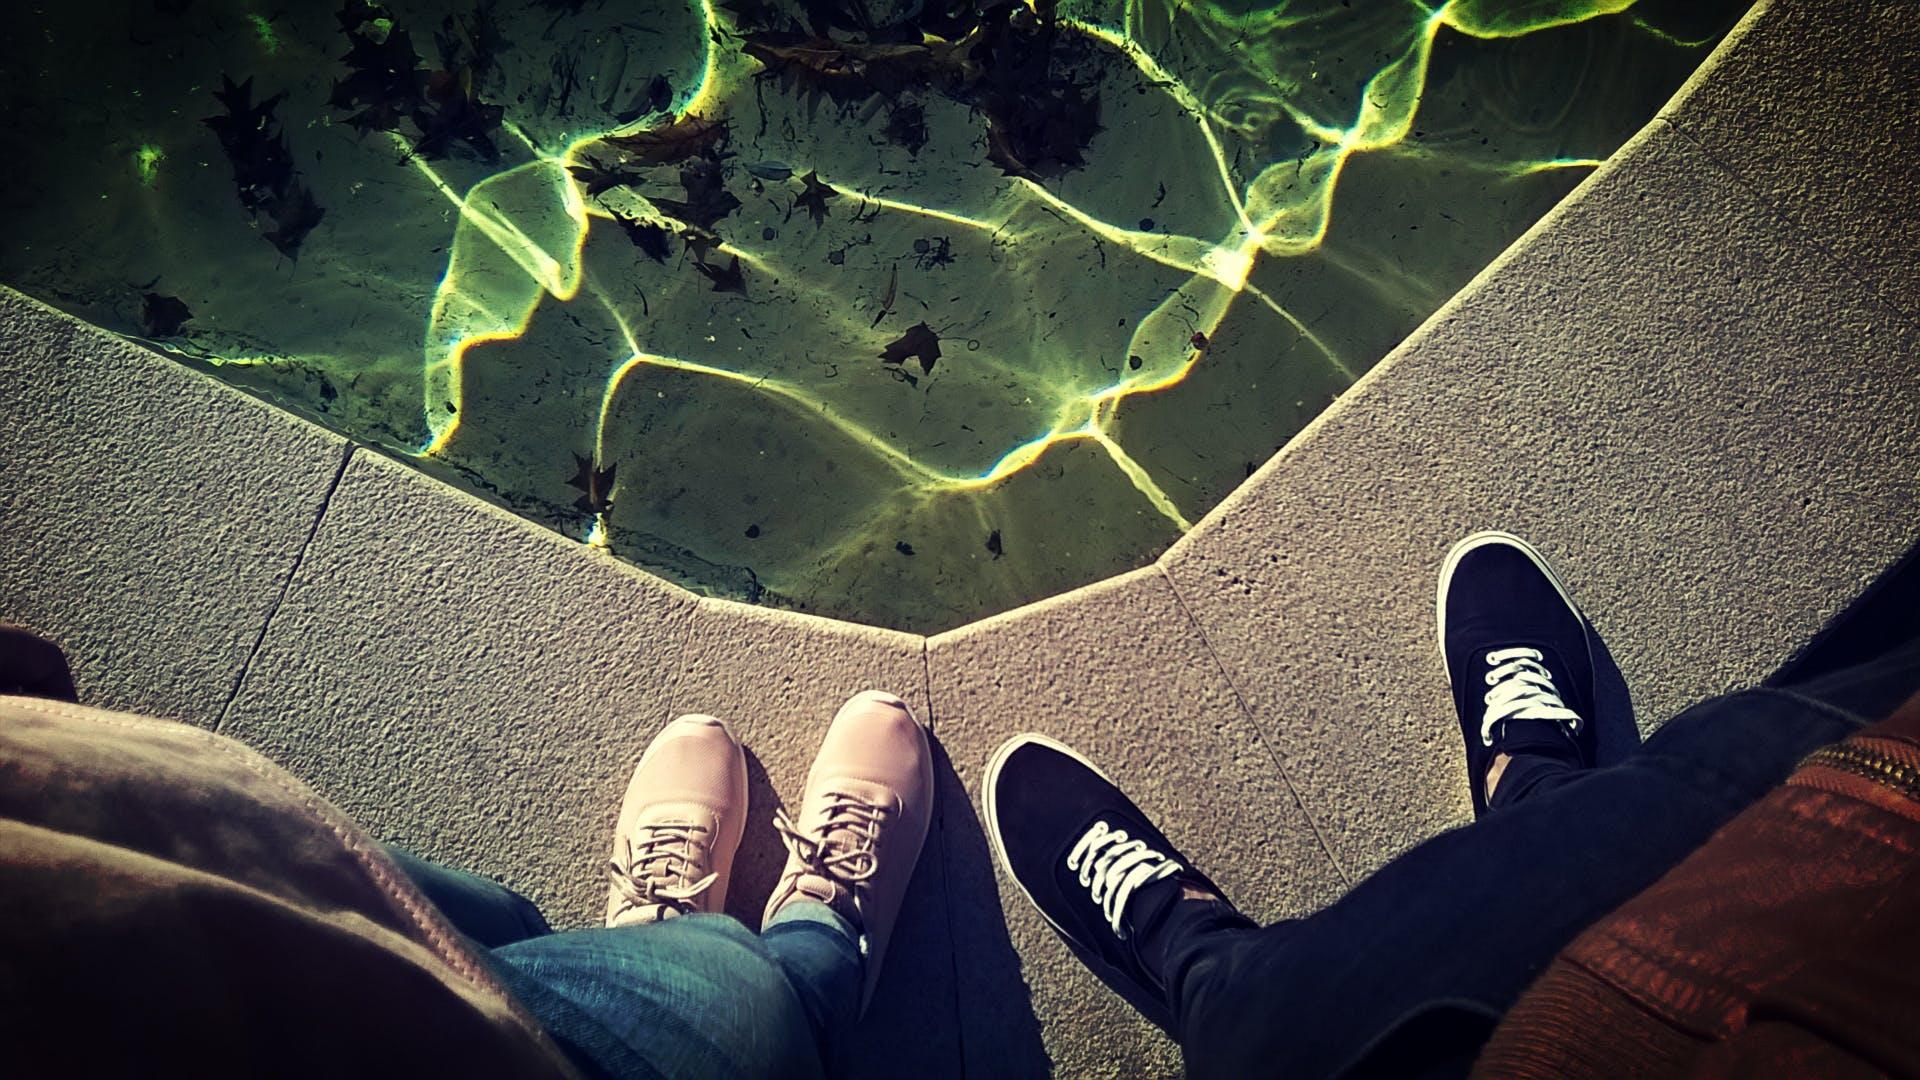 feet, footwear, outdoors